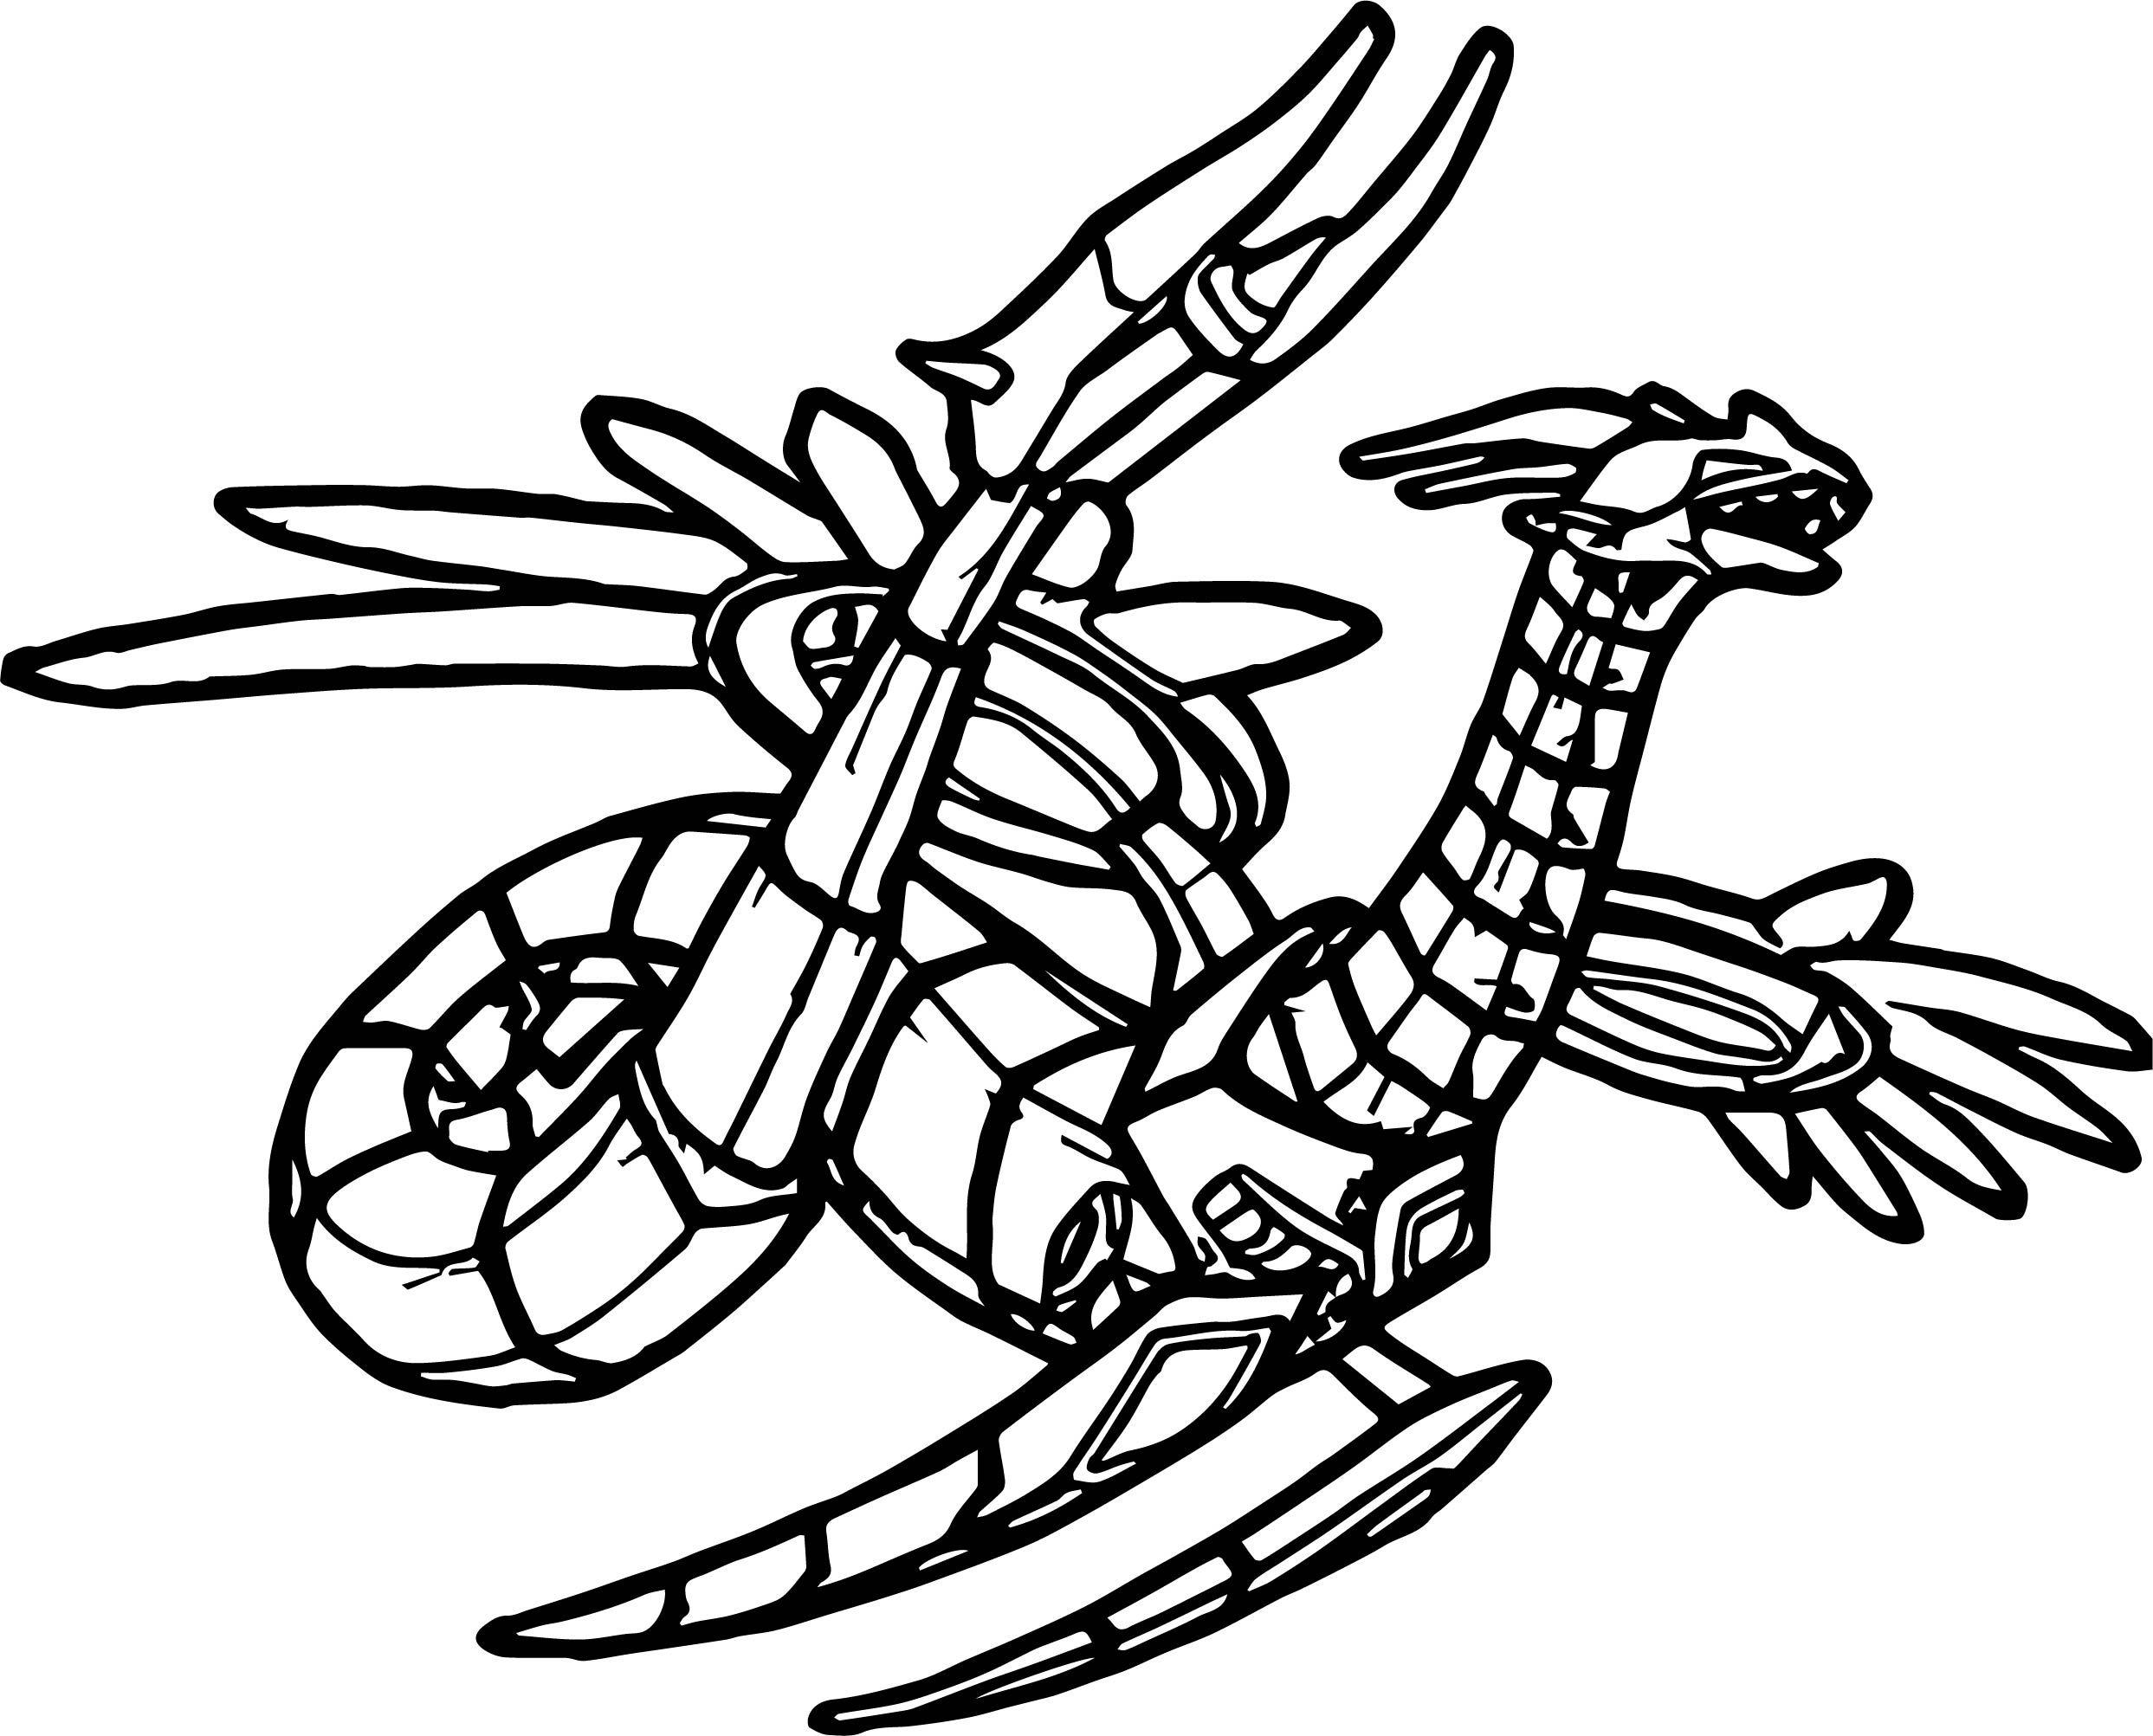 Bakugan Dragon Coloring Page